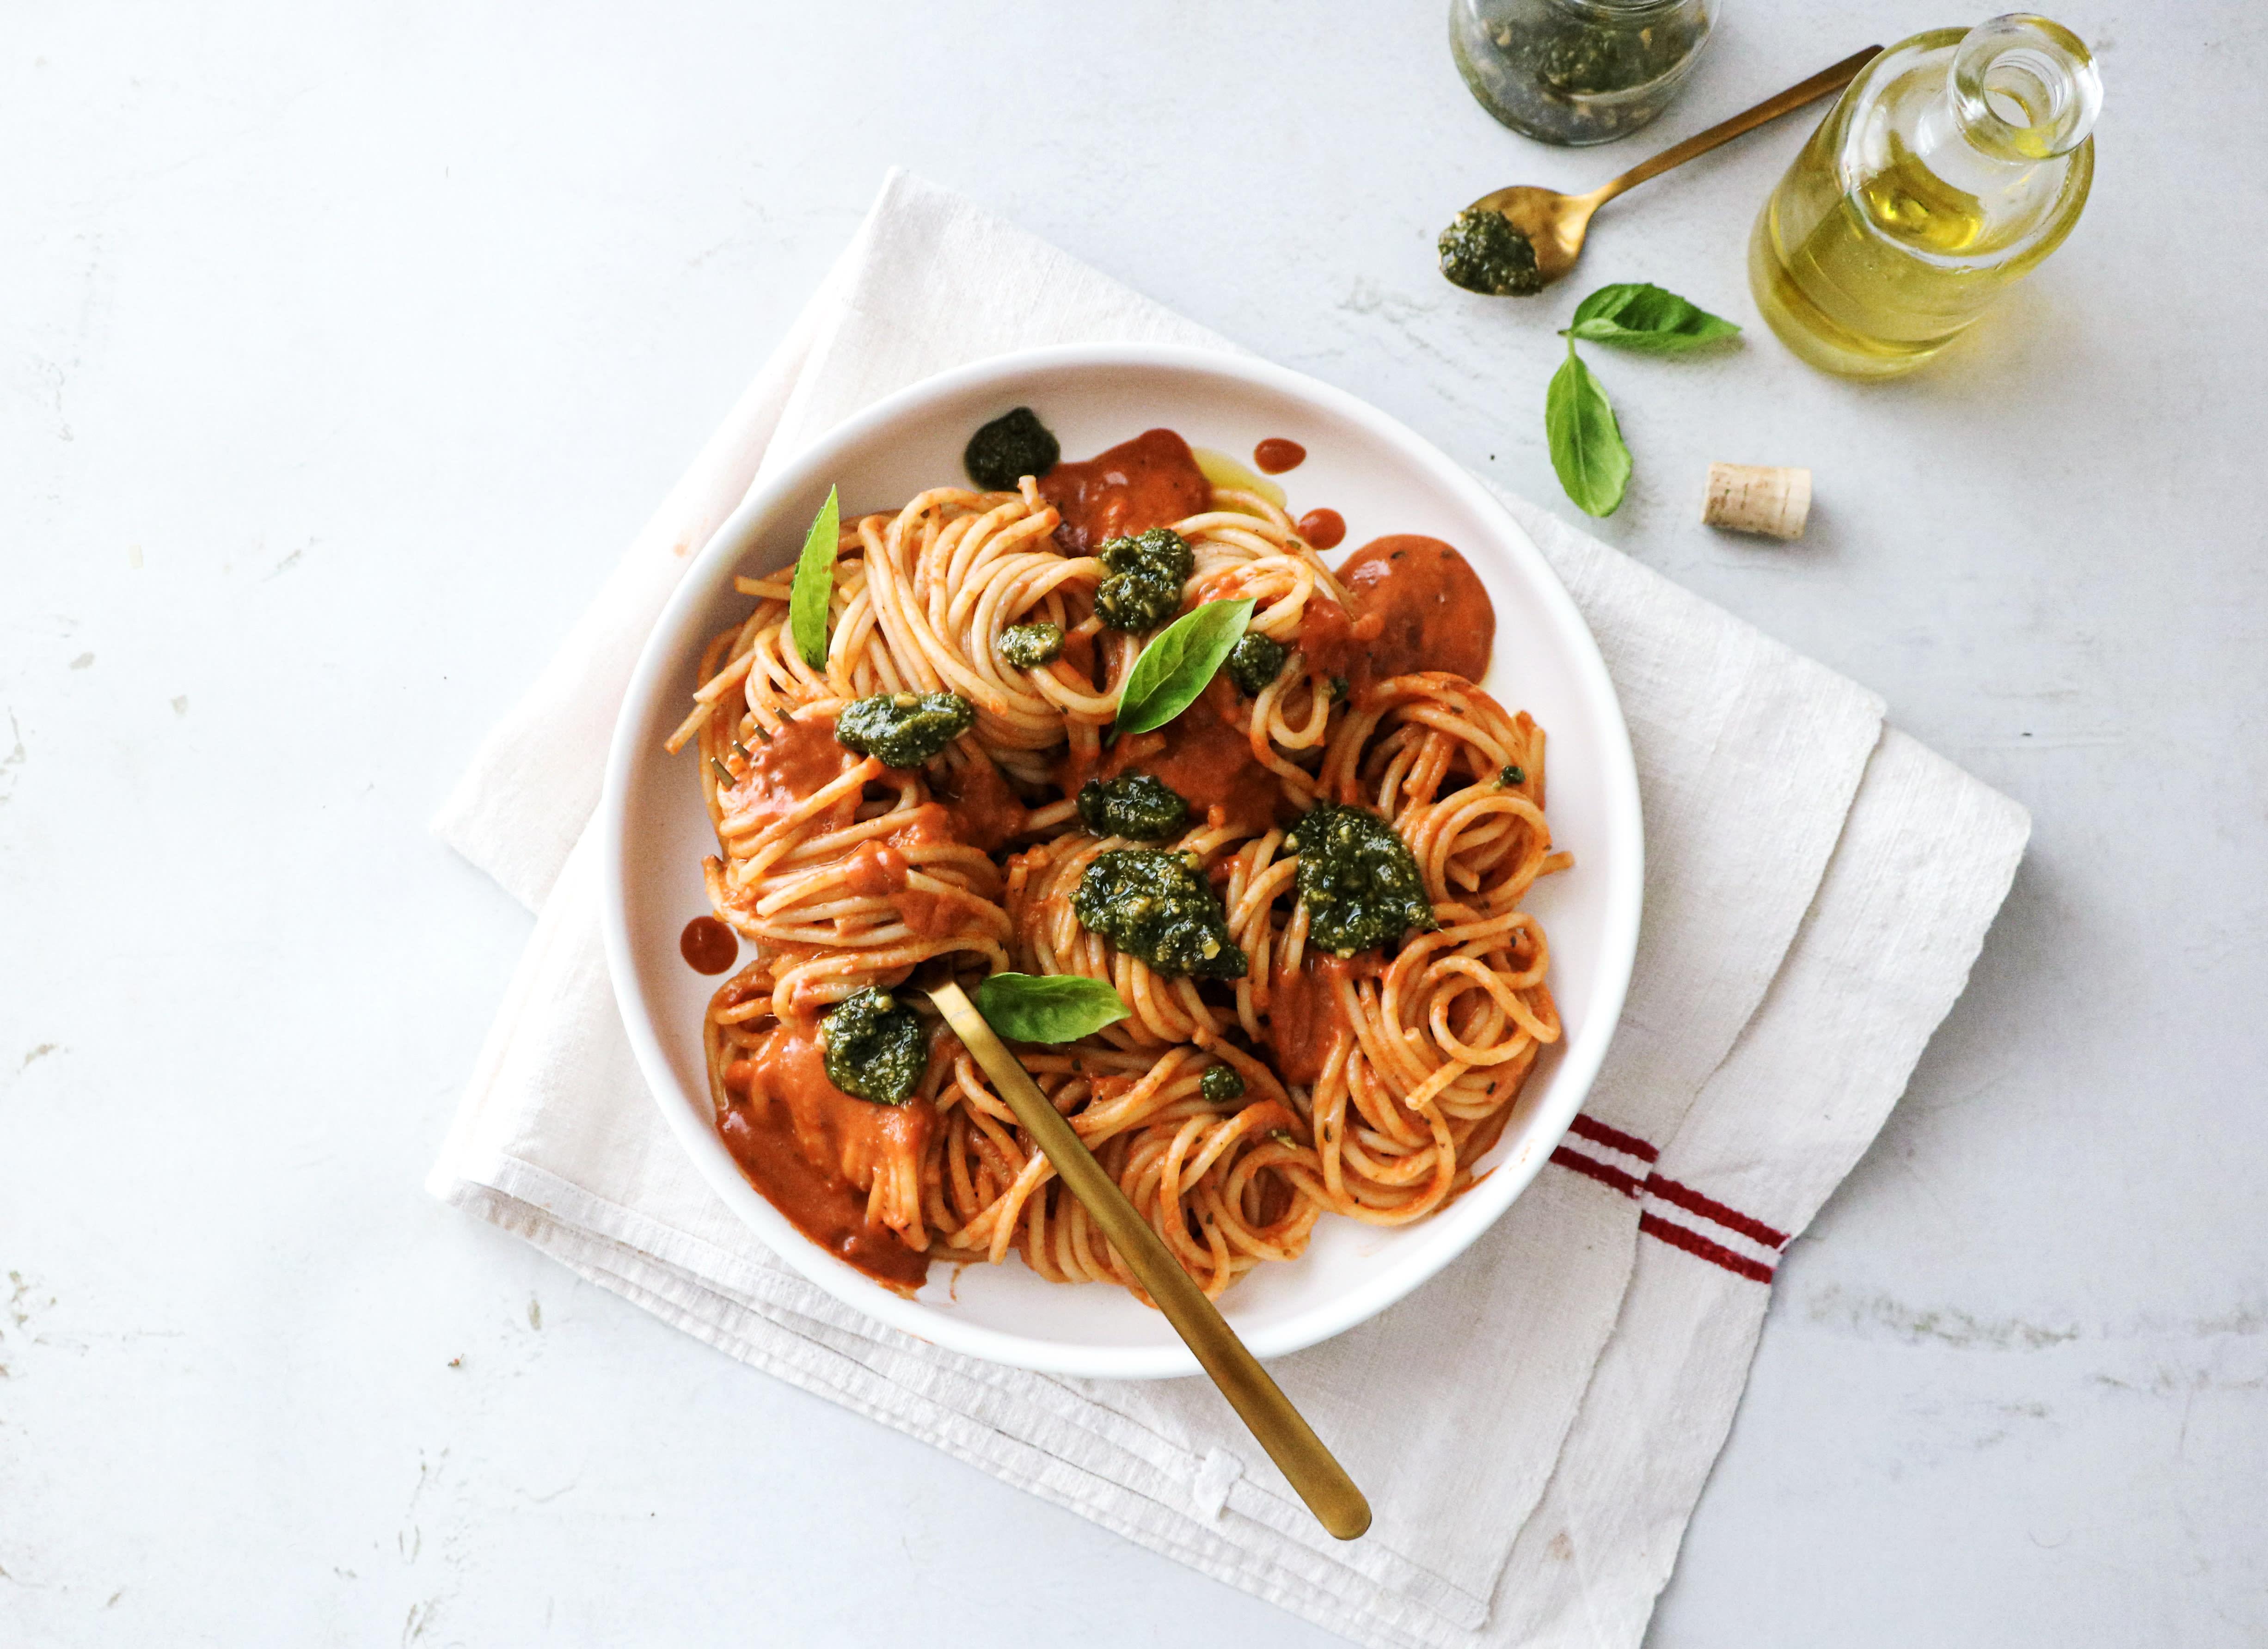 Spaghetti in Creamy Tomato Sauce with Pesto